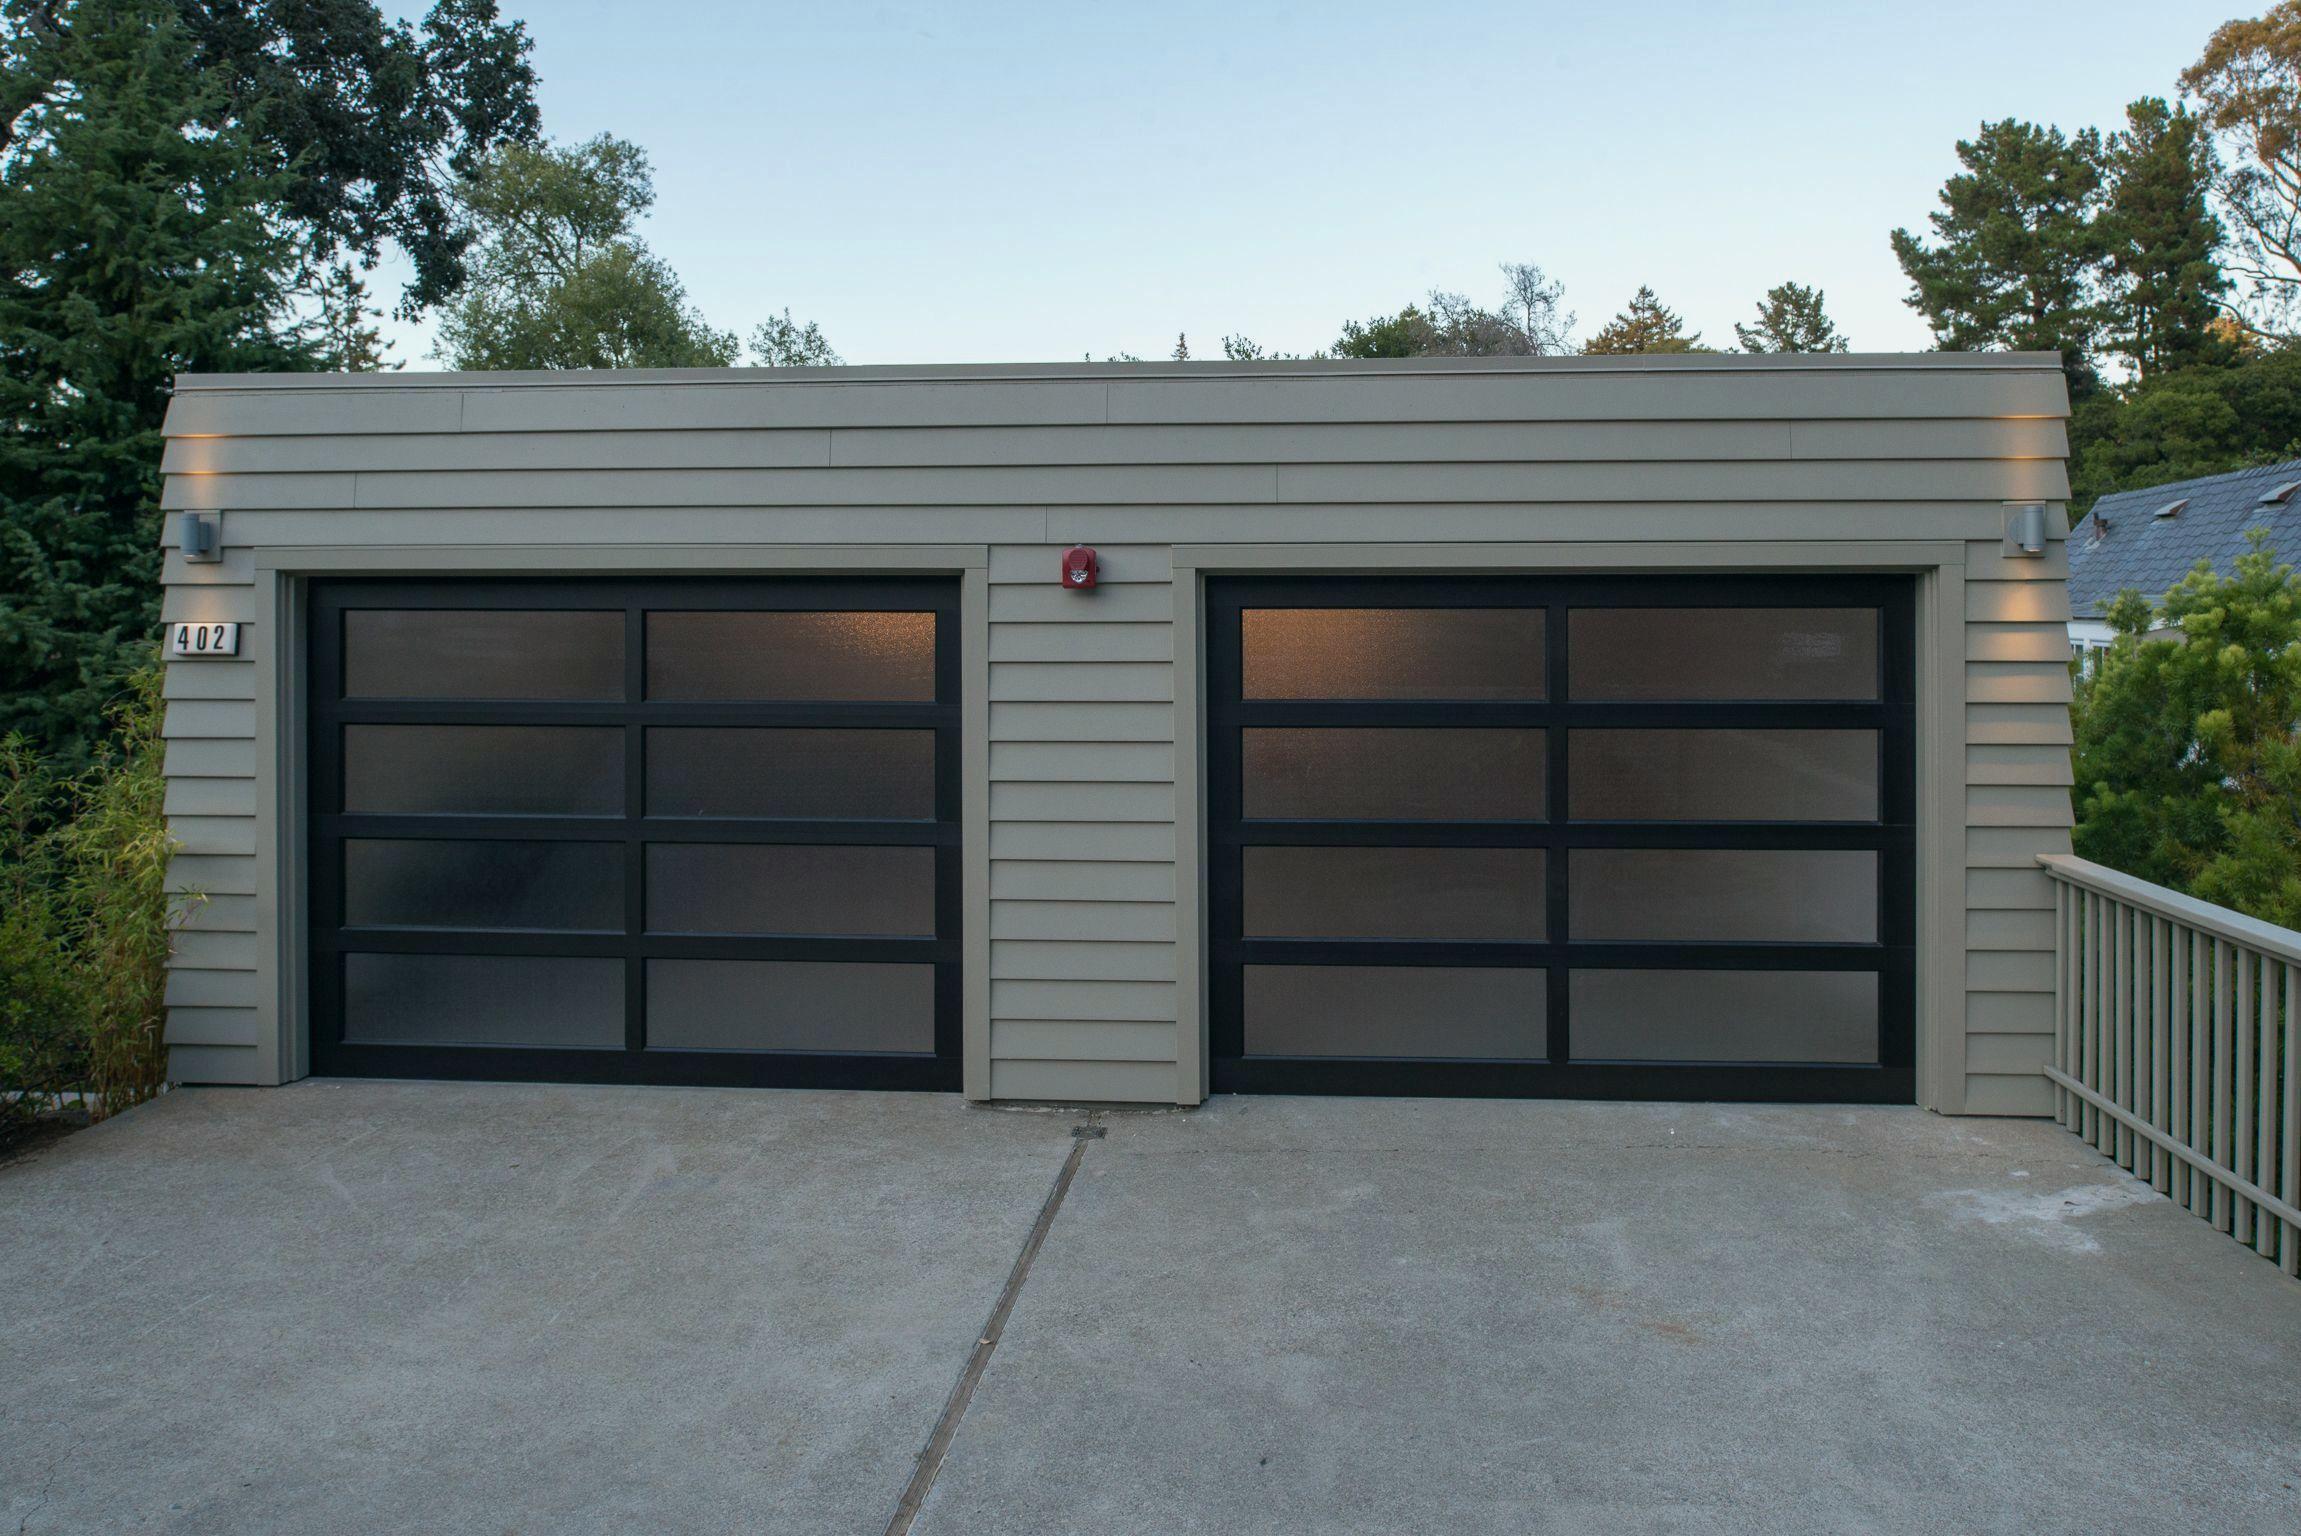 Resultat De Recherche D Images Pour Porte Garage Double Garage Moderne Portes De Garage Noirs Portes De Garage Moderne